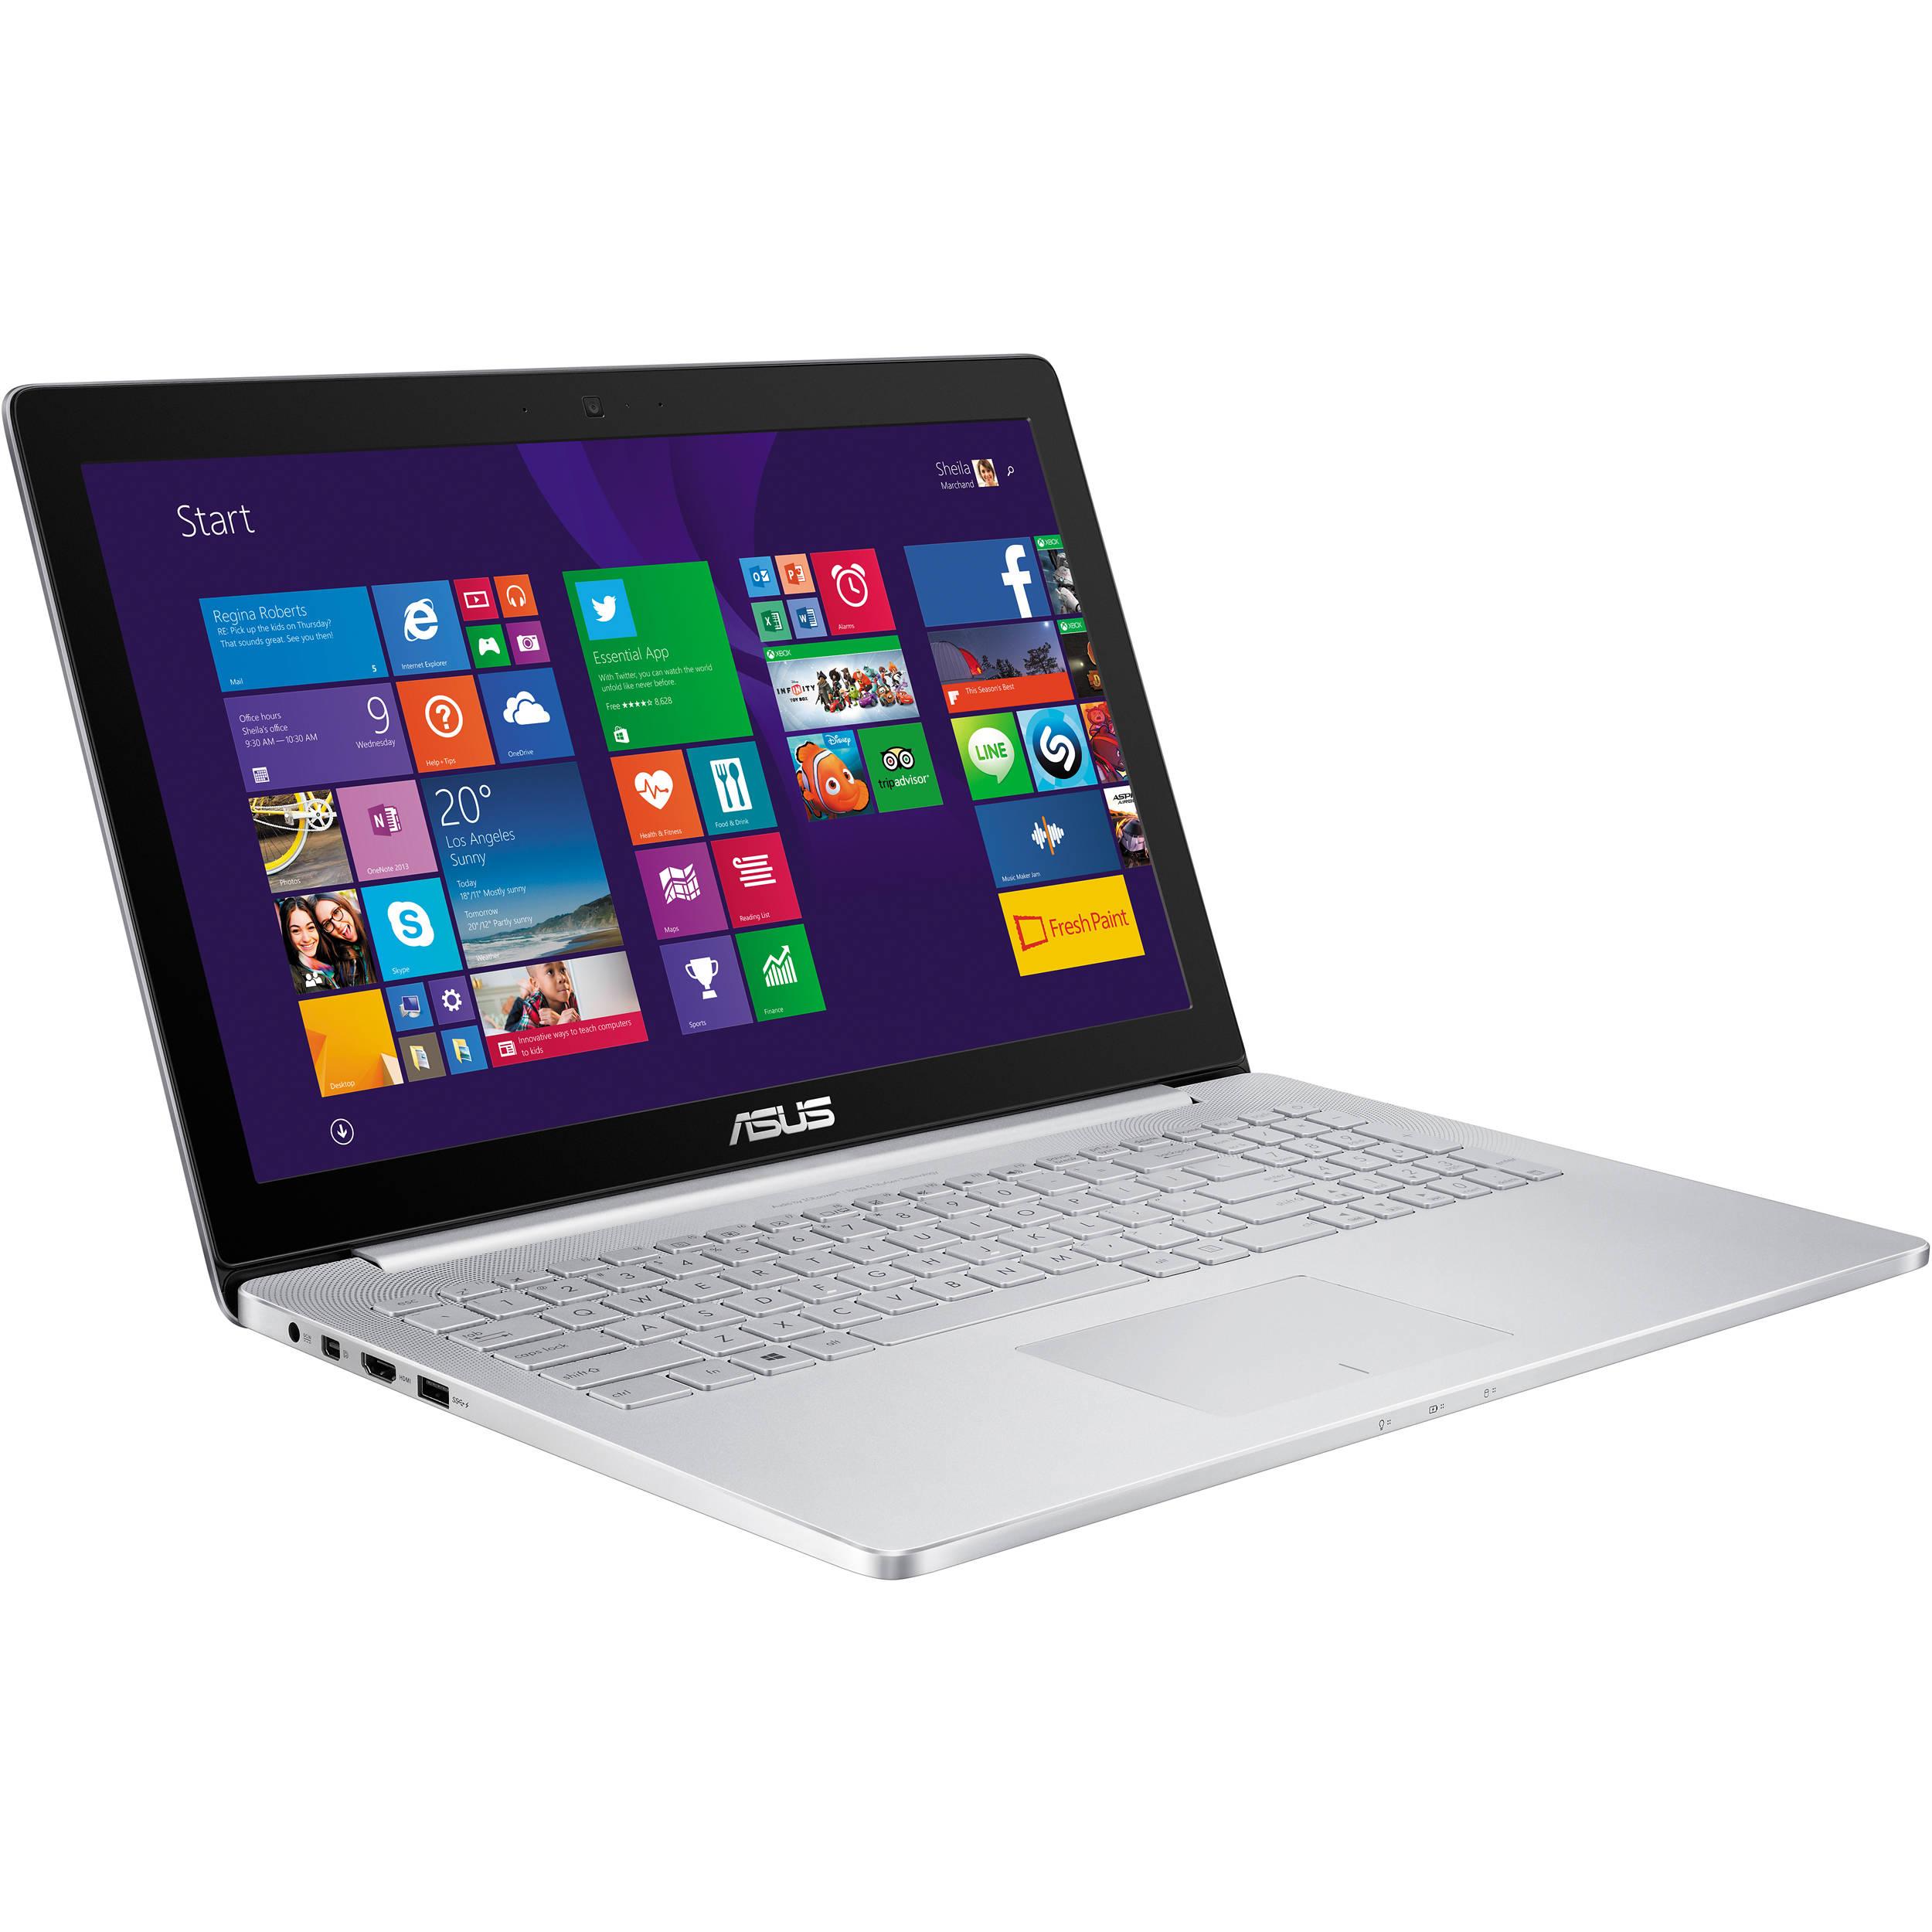 ASUS ZenBook Pro UX501 Intel ThunderBolt Drivers Mac